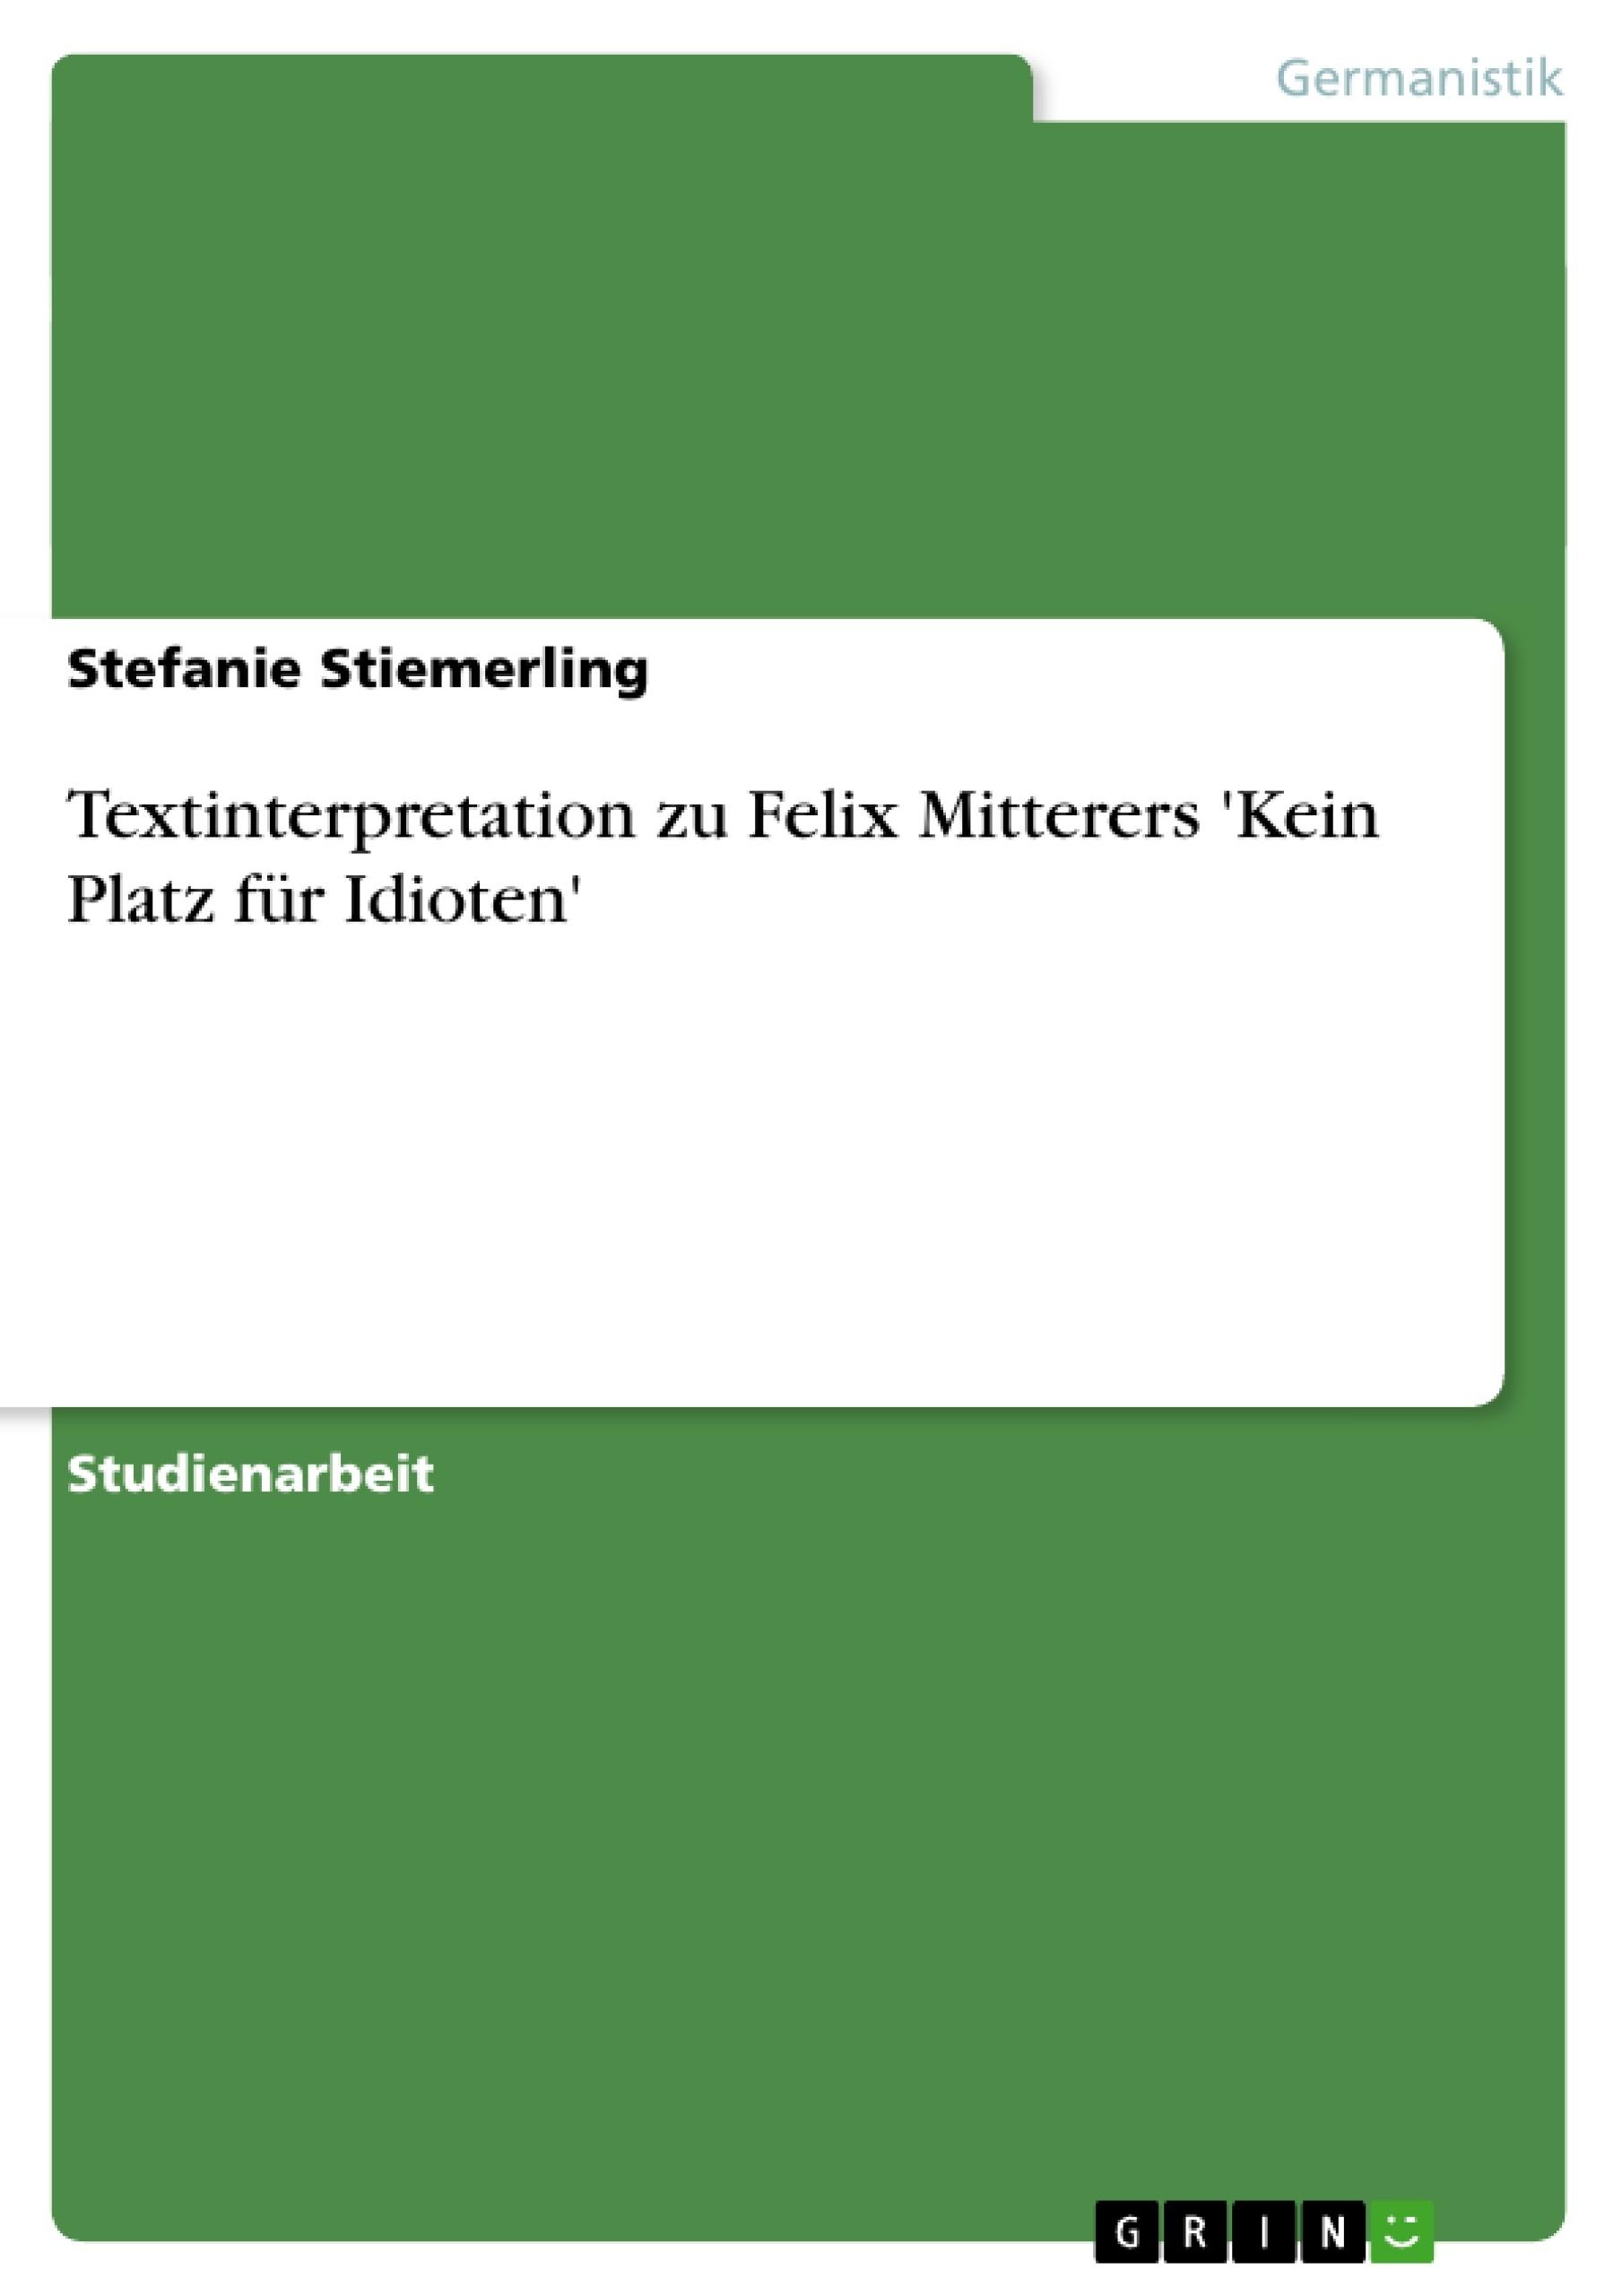 Titel: Textinterpretation zu Felix Mitterers 'Kein Platz für Idioten'